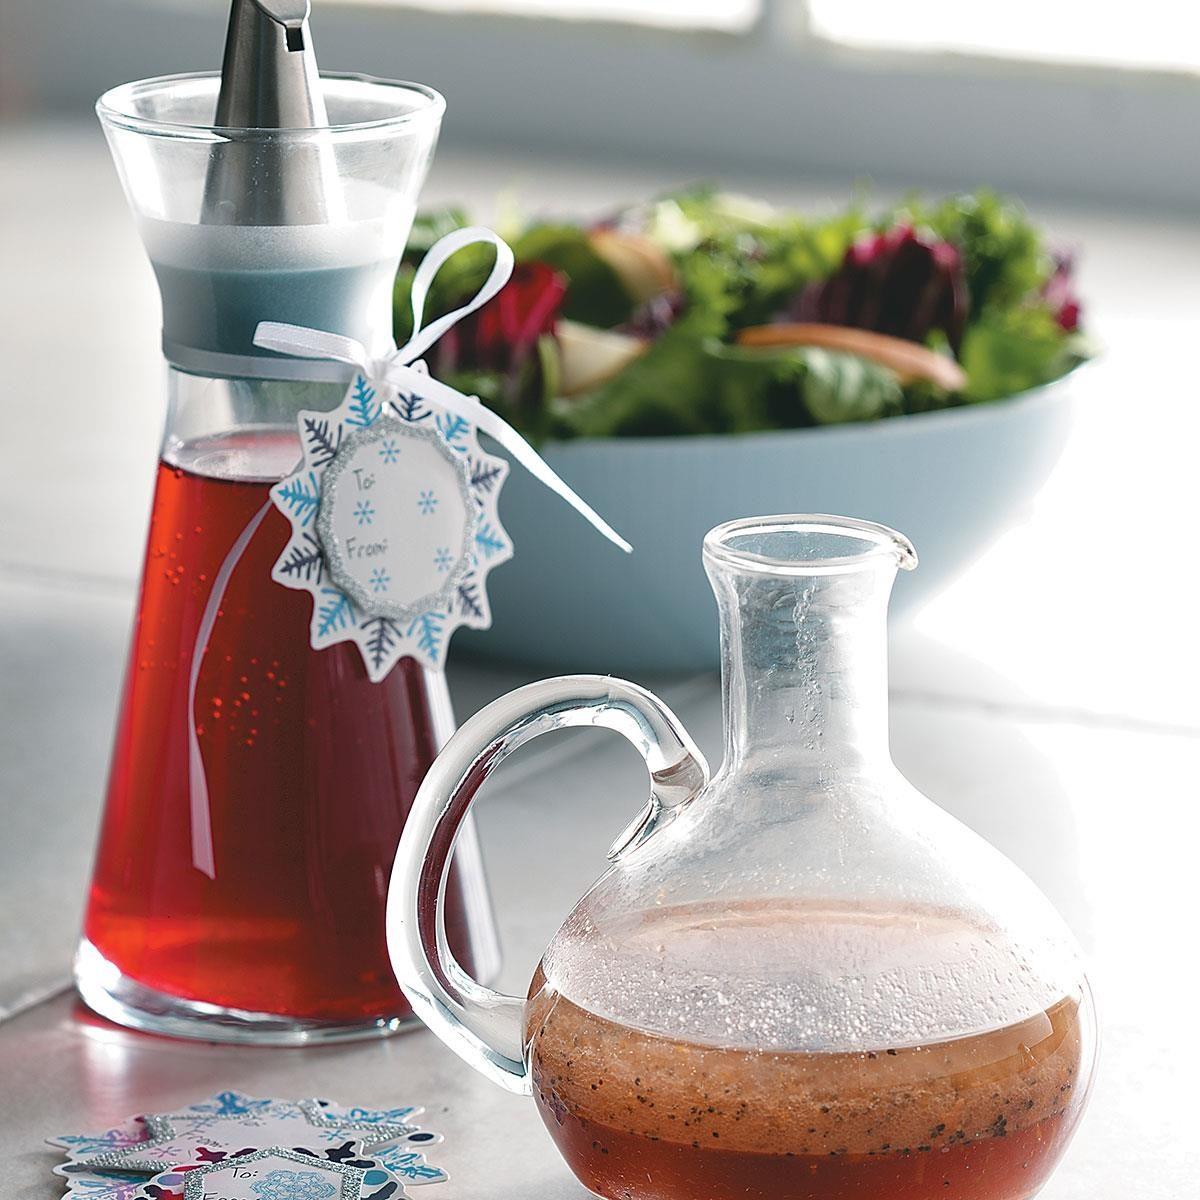 Cranberry Orange Vinegar